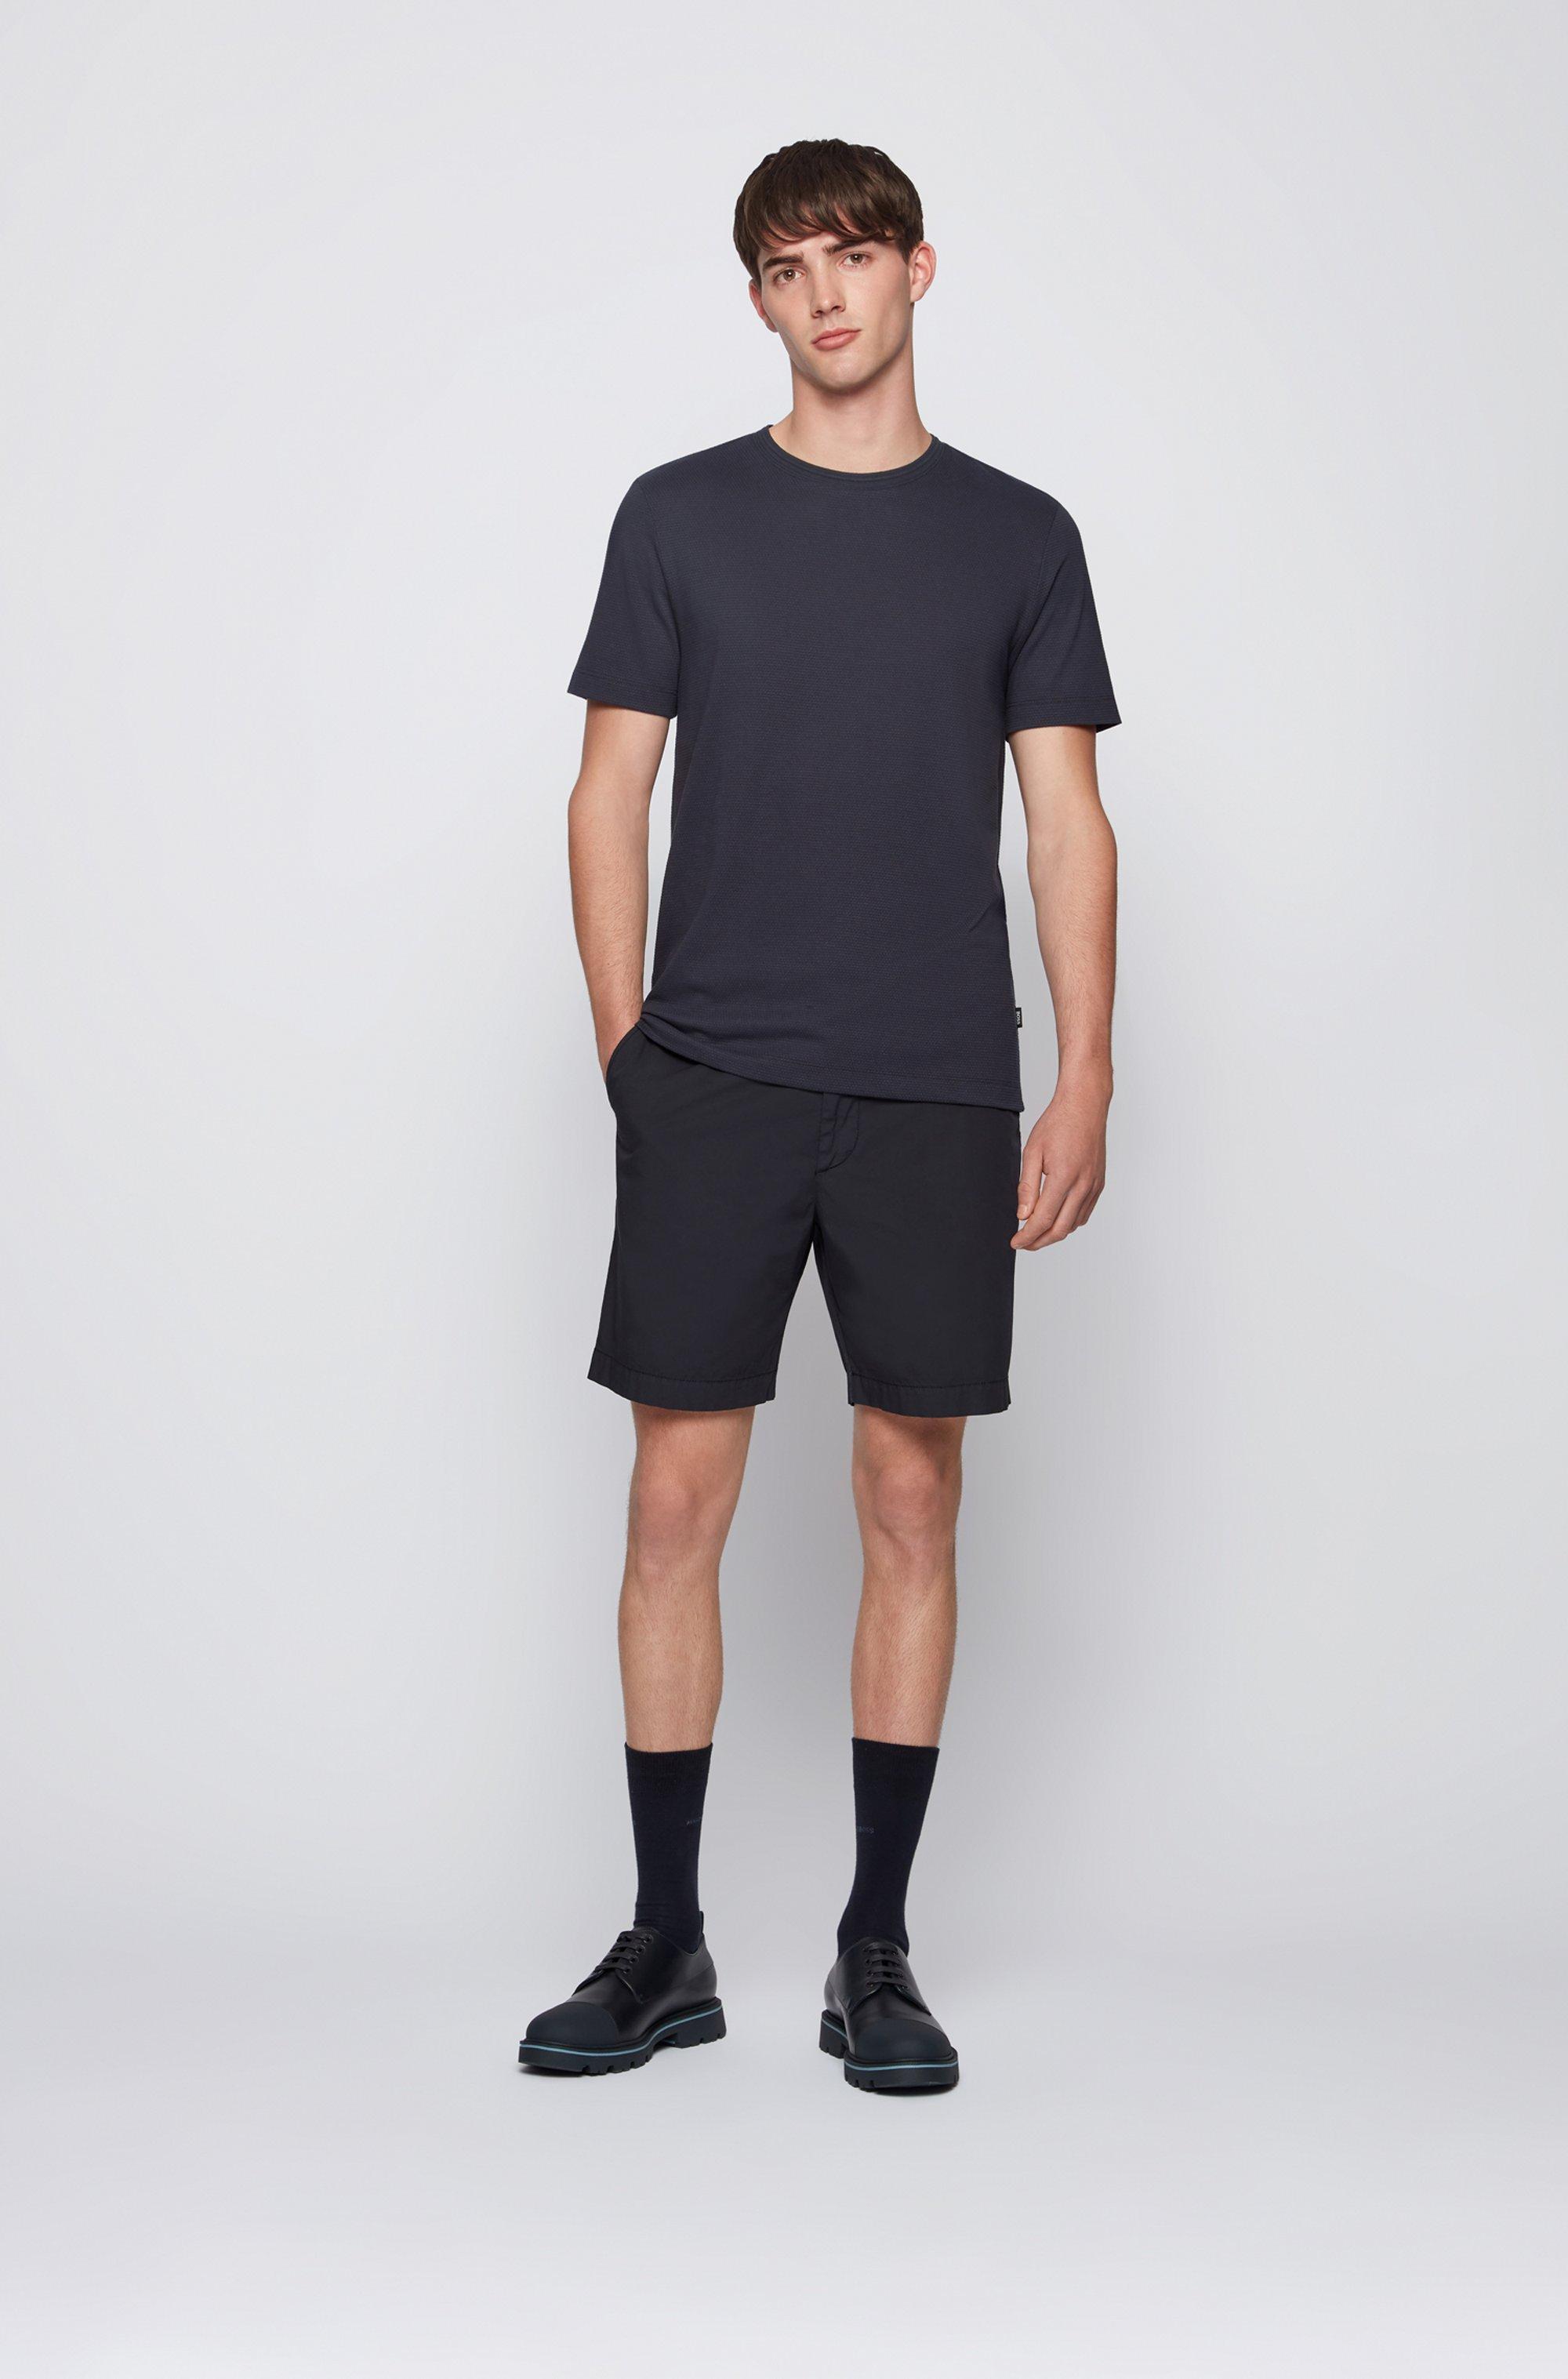 Cotton-blend T-shirt with bubble-jacquard structure